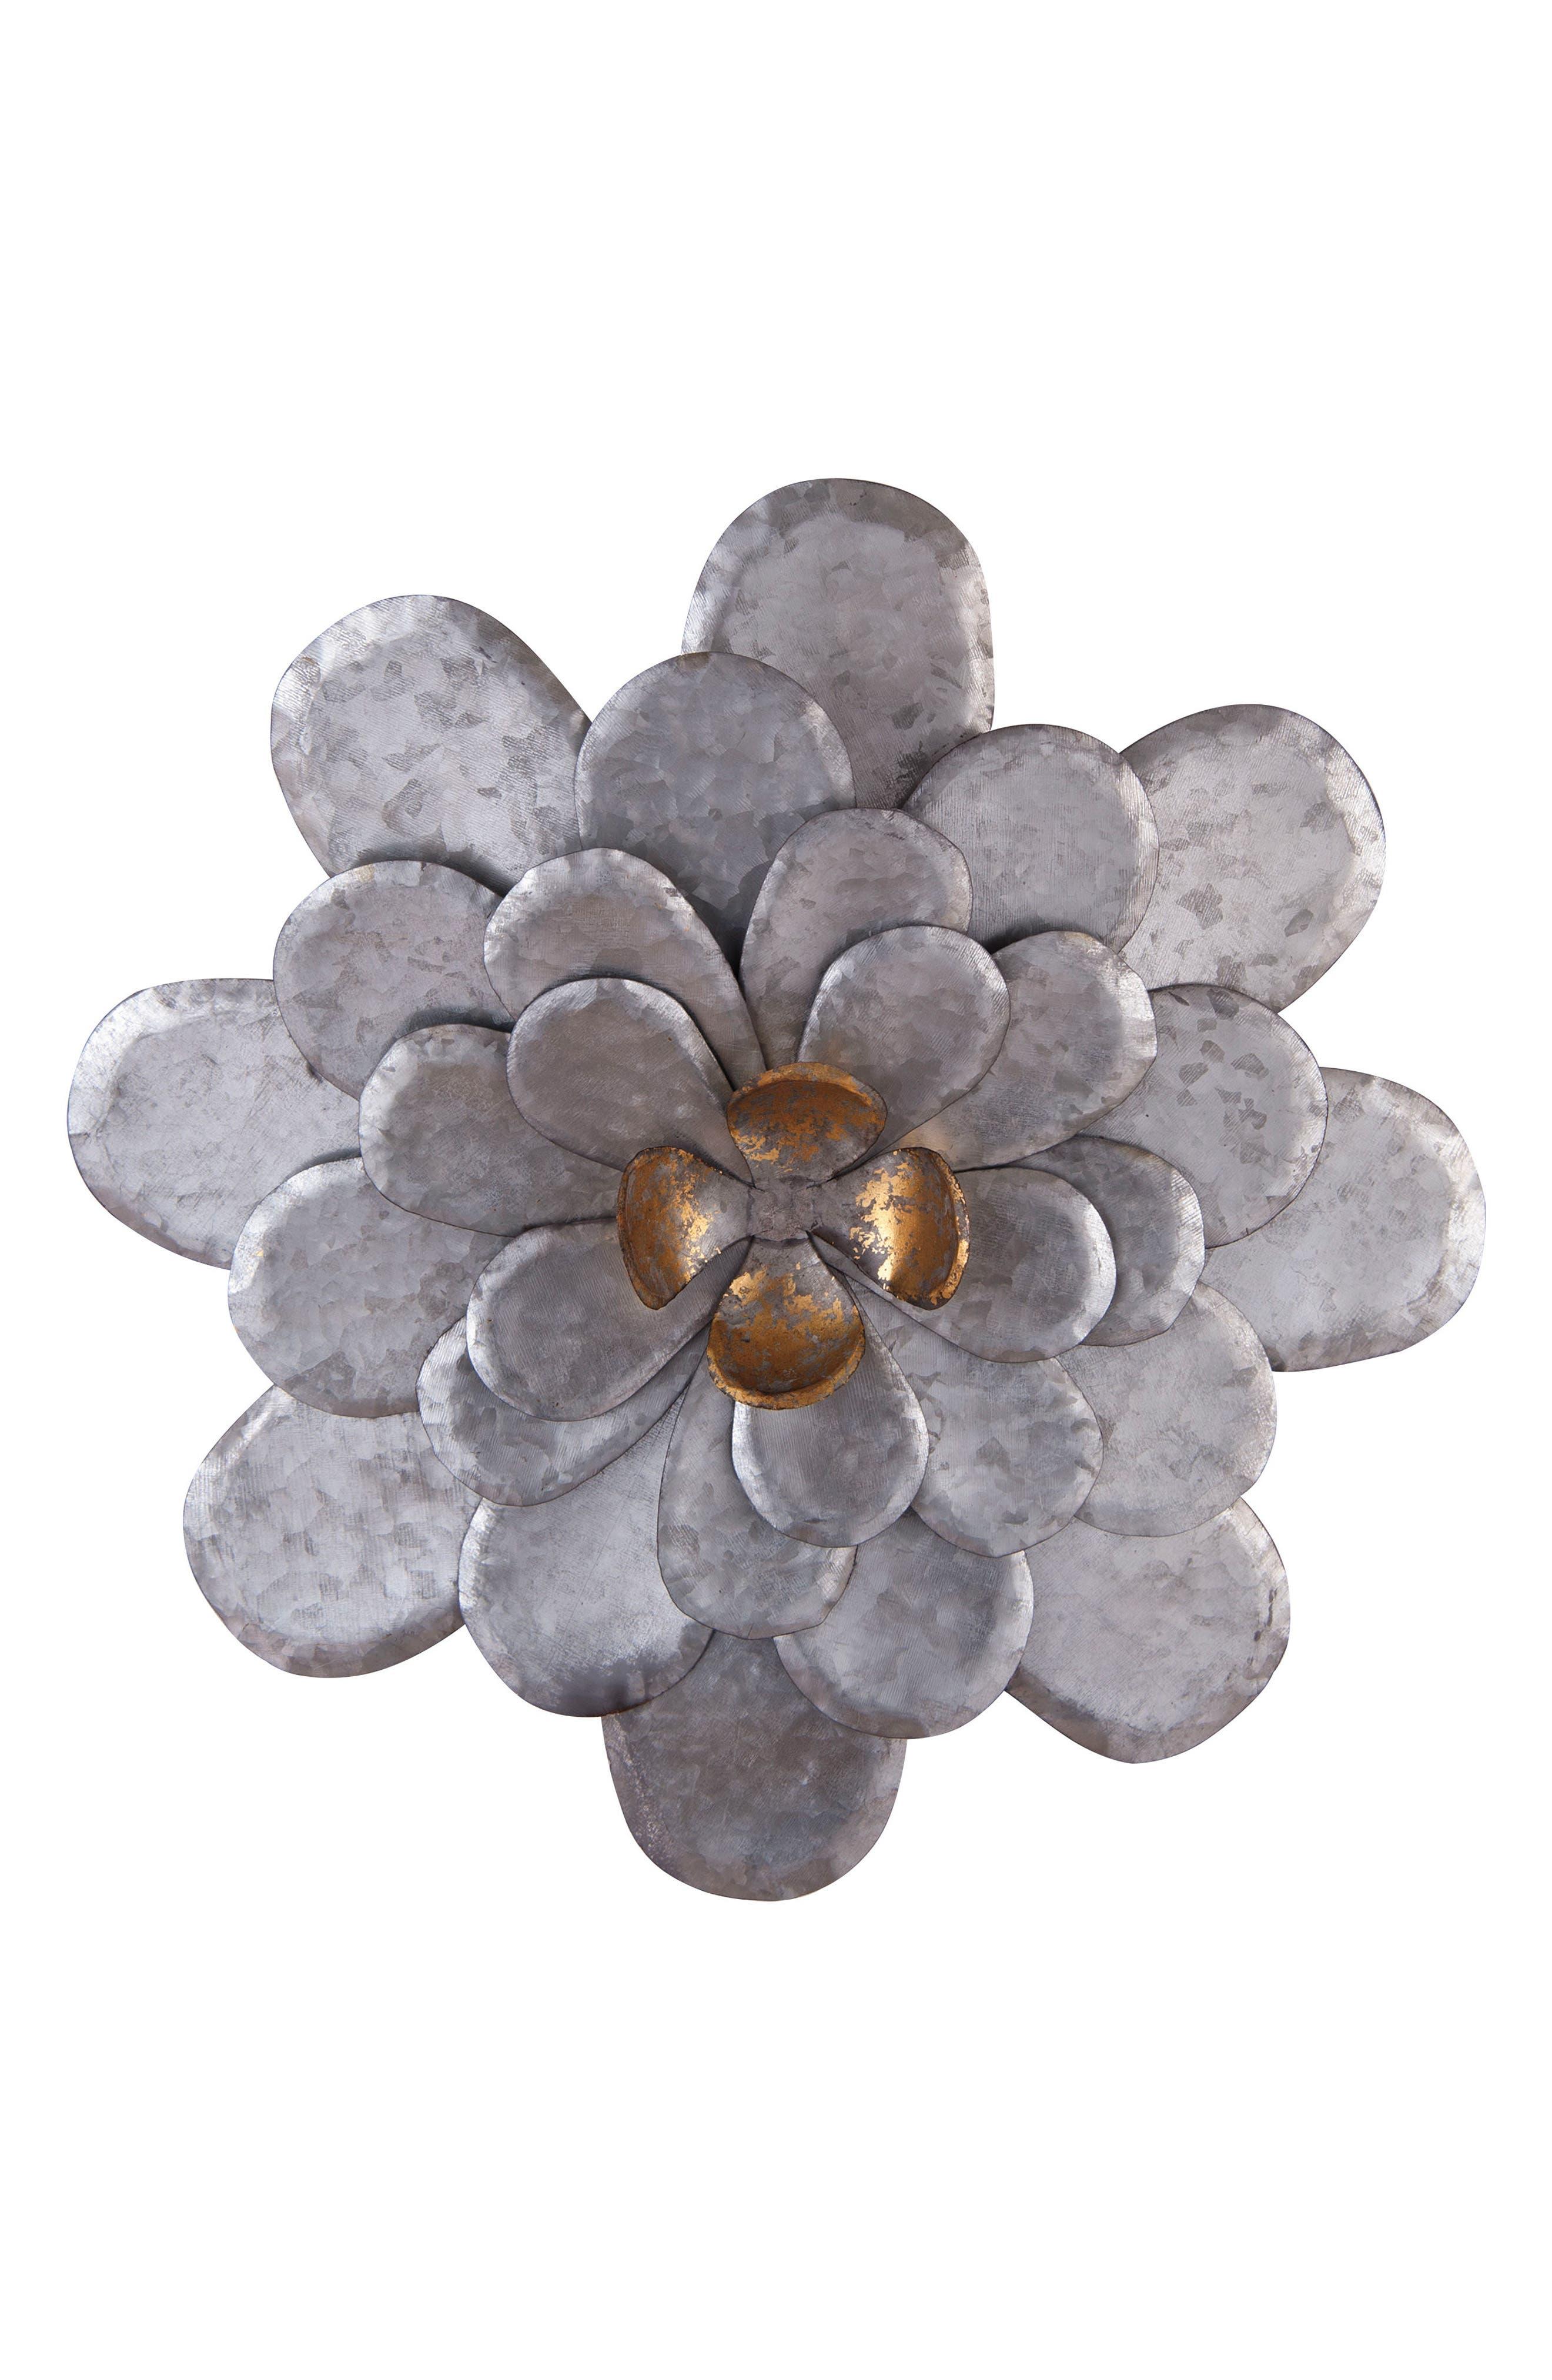 Alternate Image 1 Selected - Foreside Flower Wall Art